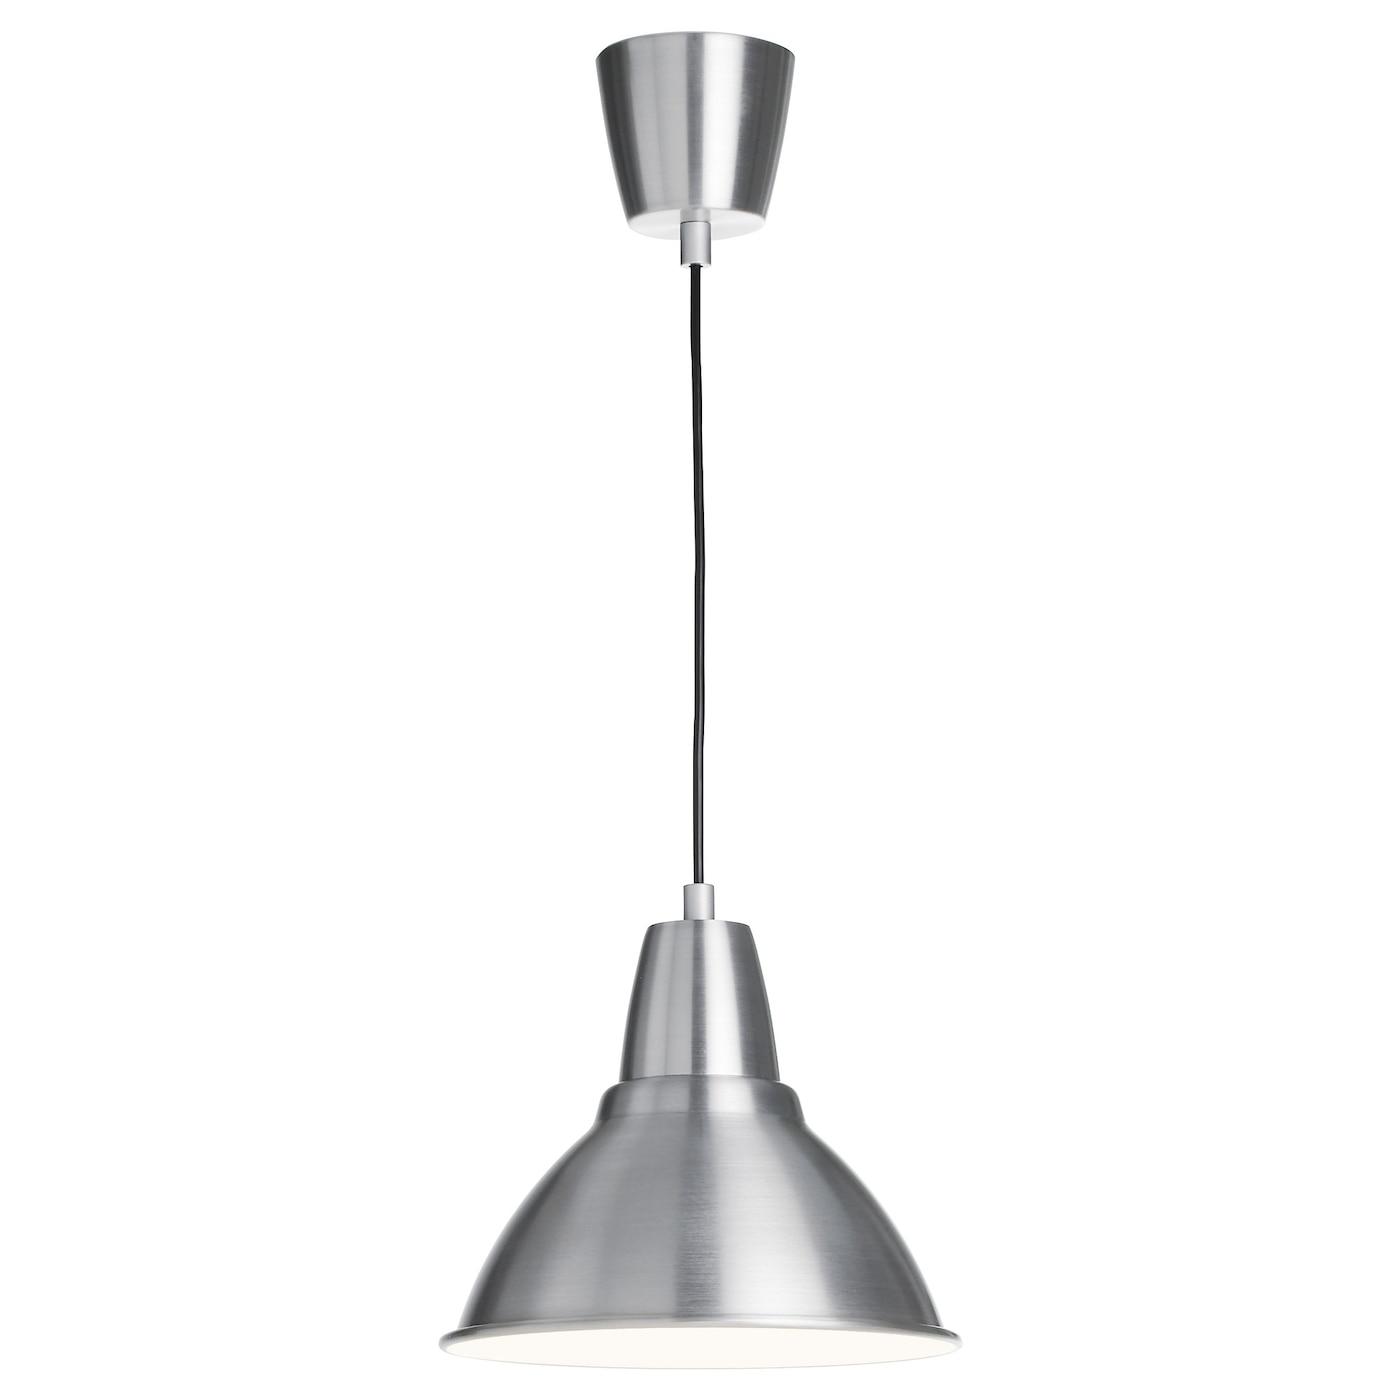 Foto pendant lamp aluminium 25 cm ikea for Ikea lampadario camera